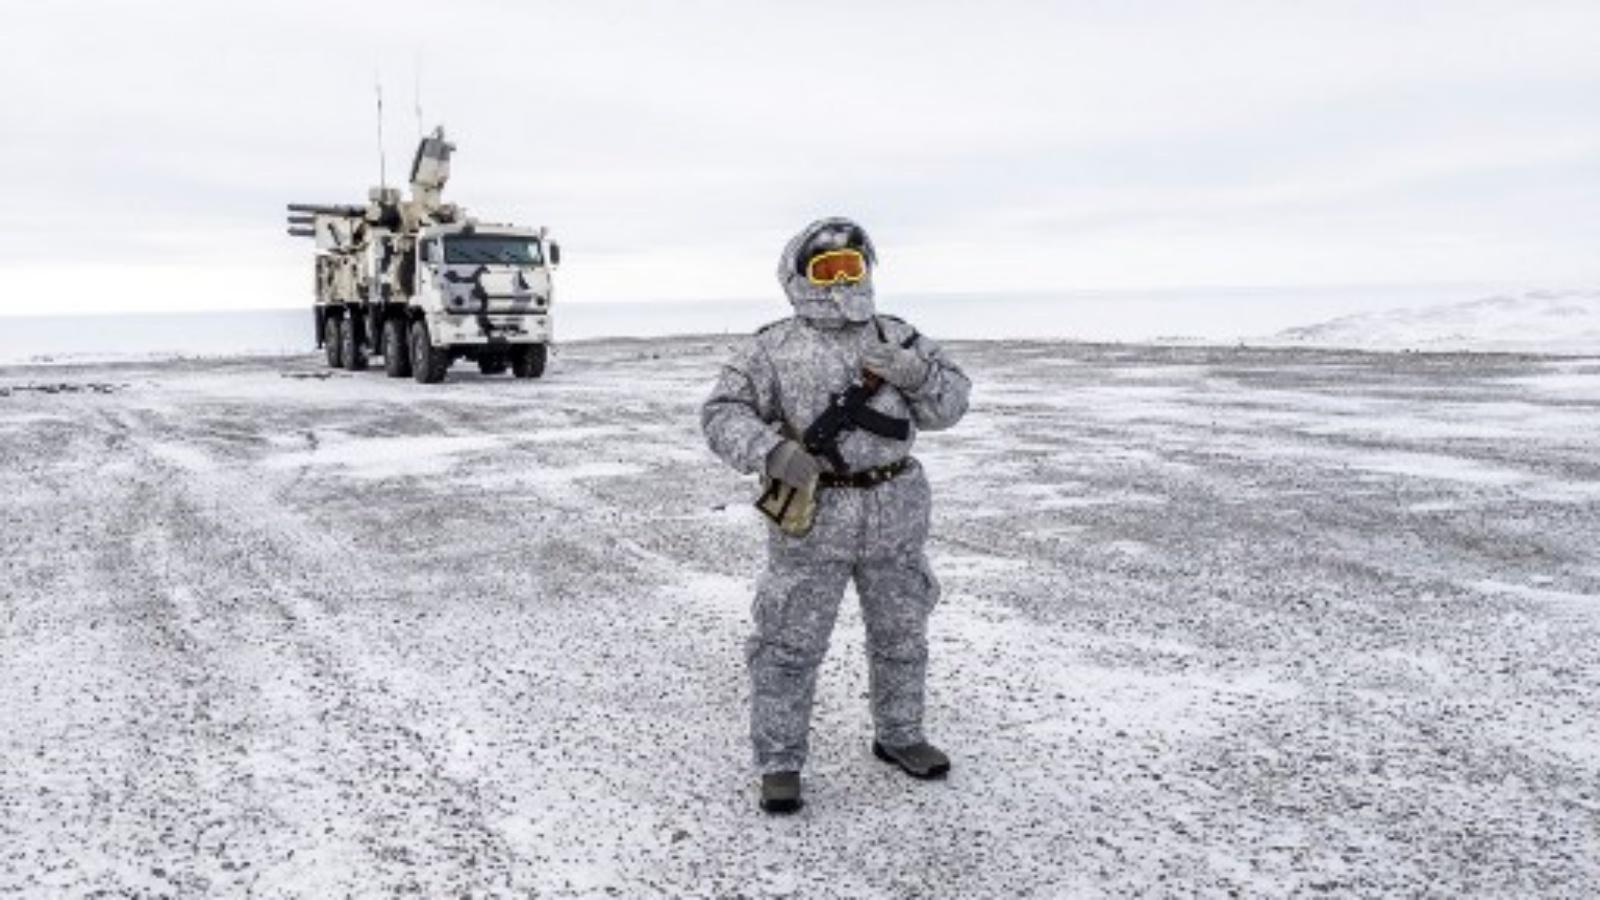 جندي يحمل مدفعا رشاشا أثناء قيامه بدوريات في القاعدة العسكرية الشمالية الروسية في جزيرة كوتيلني ، وراء دائرة القطب الشمالي. تنشر الولايات المتحدة قاذفات بعيدة المدى من طراز B-1 إلى النرويج للتدريب في منطقة High North ذات الأهمية الاستراتيجية ، وهو عرض جديد للقوة في حشد عسكري مستمر غير مرئي في المنطقة منذ الحرب الباردة